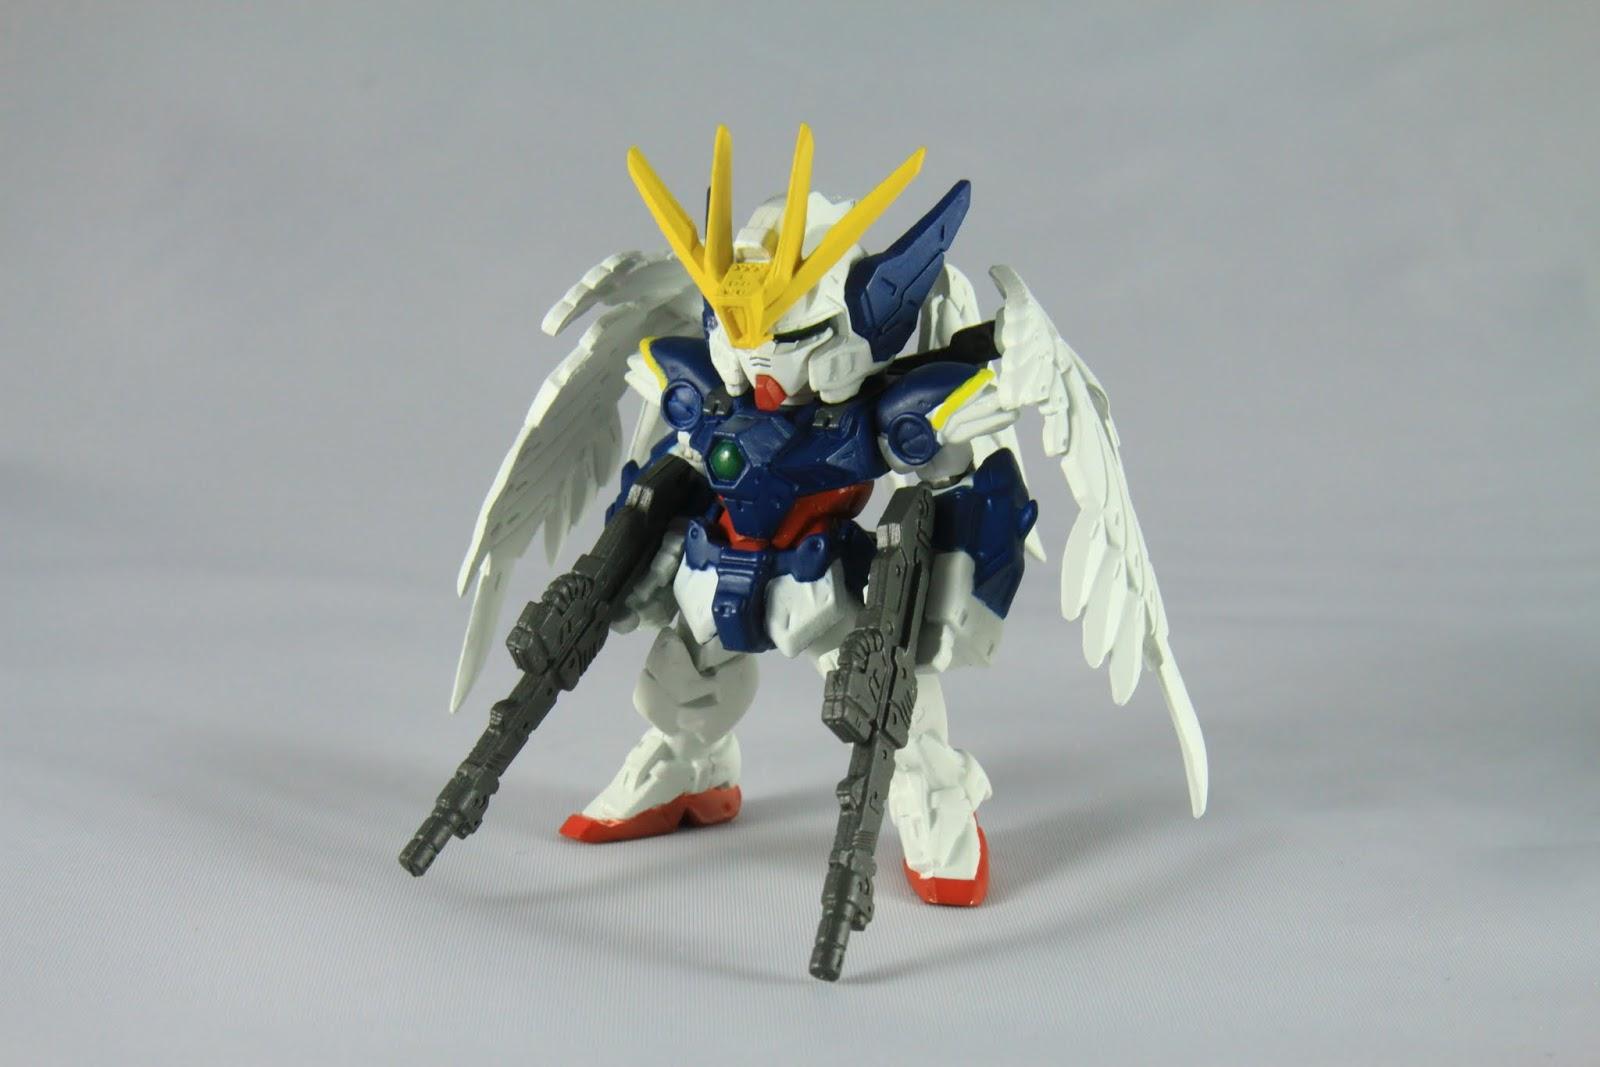 與TV版的Wing Gundam Zero為同一機體 不是後繼也不是改造 但還是不少人因為原本名稱後面的Custom然後腦補 這也是官方後來正名的原因之一吧~ 明明打從一開始就說是同一台了